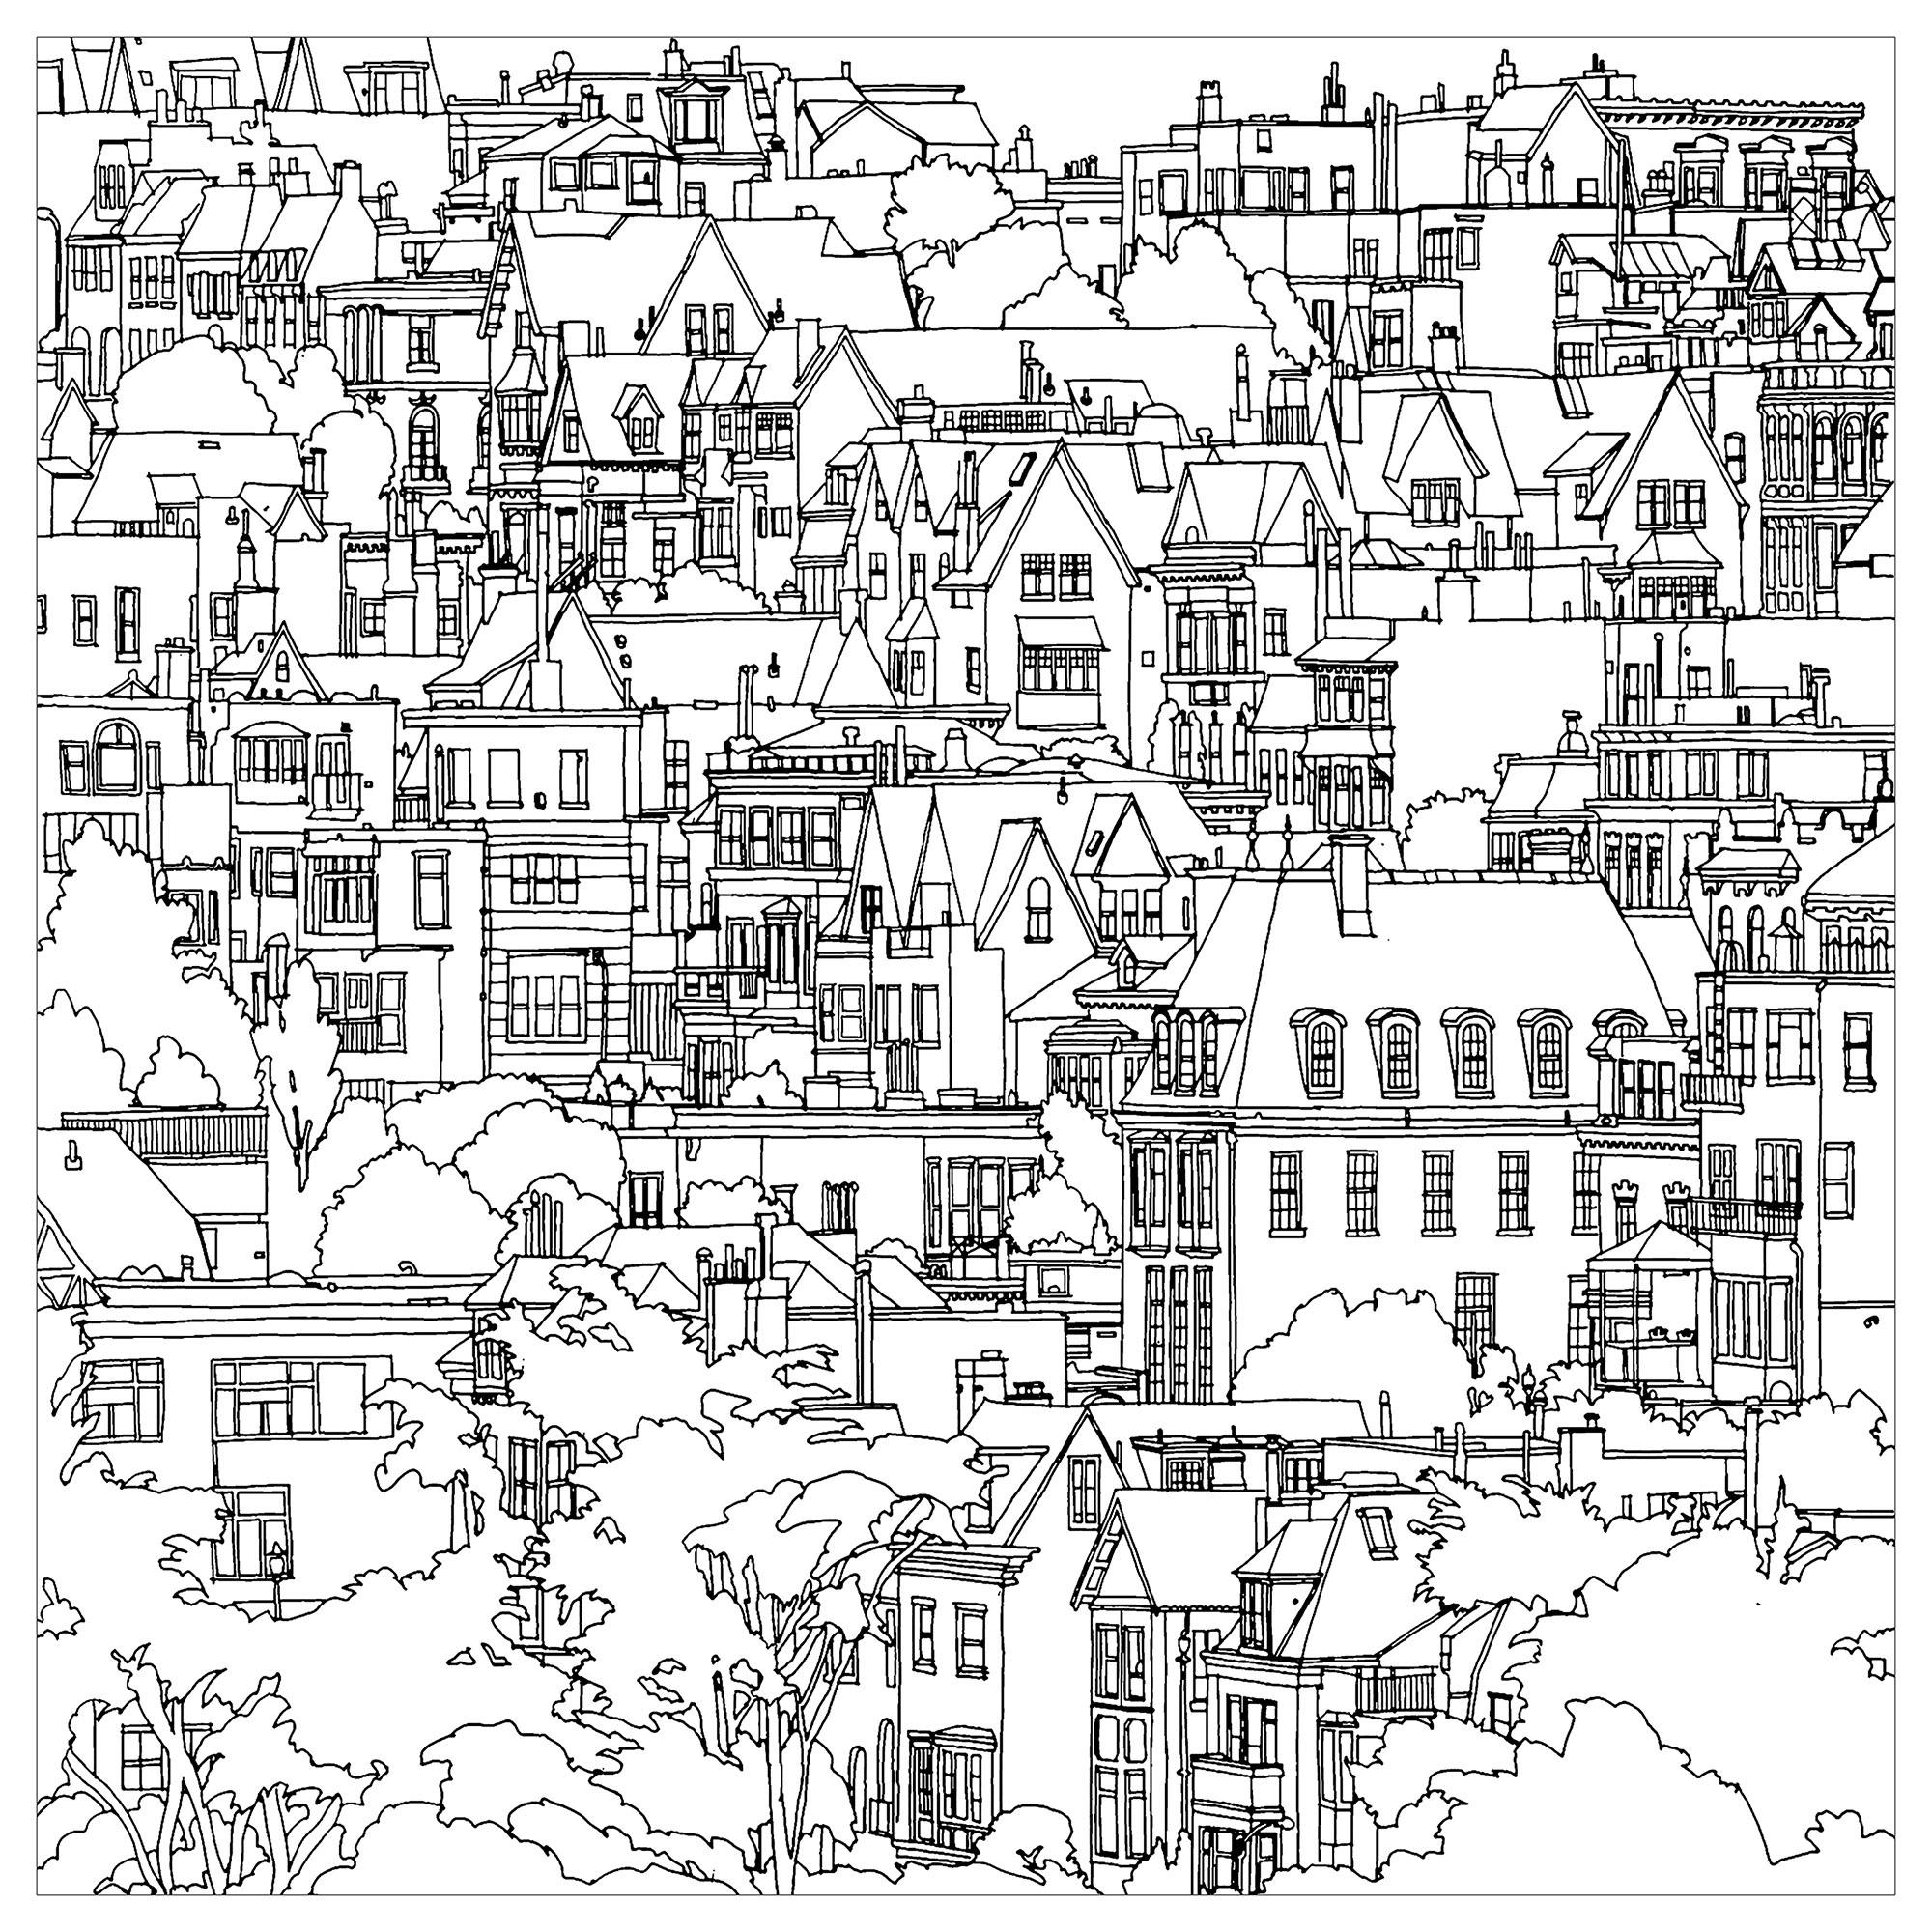 Disegni da Colorare per Adulti : Architettura & casa - 1